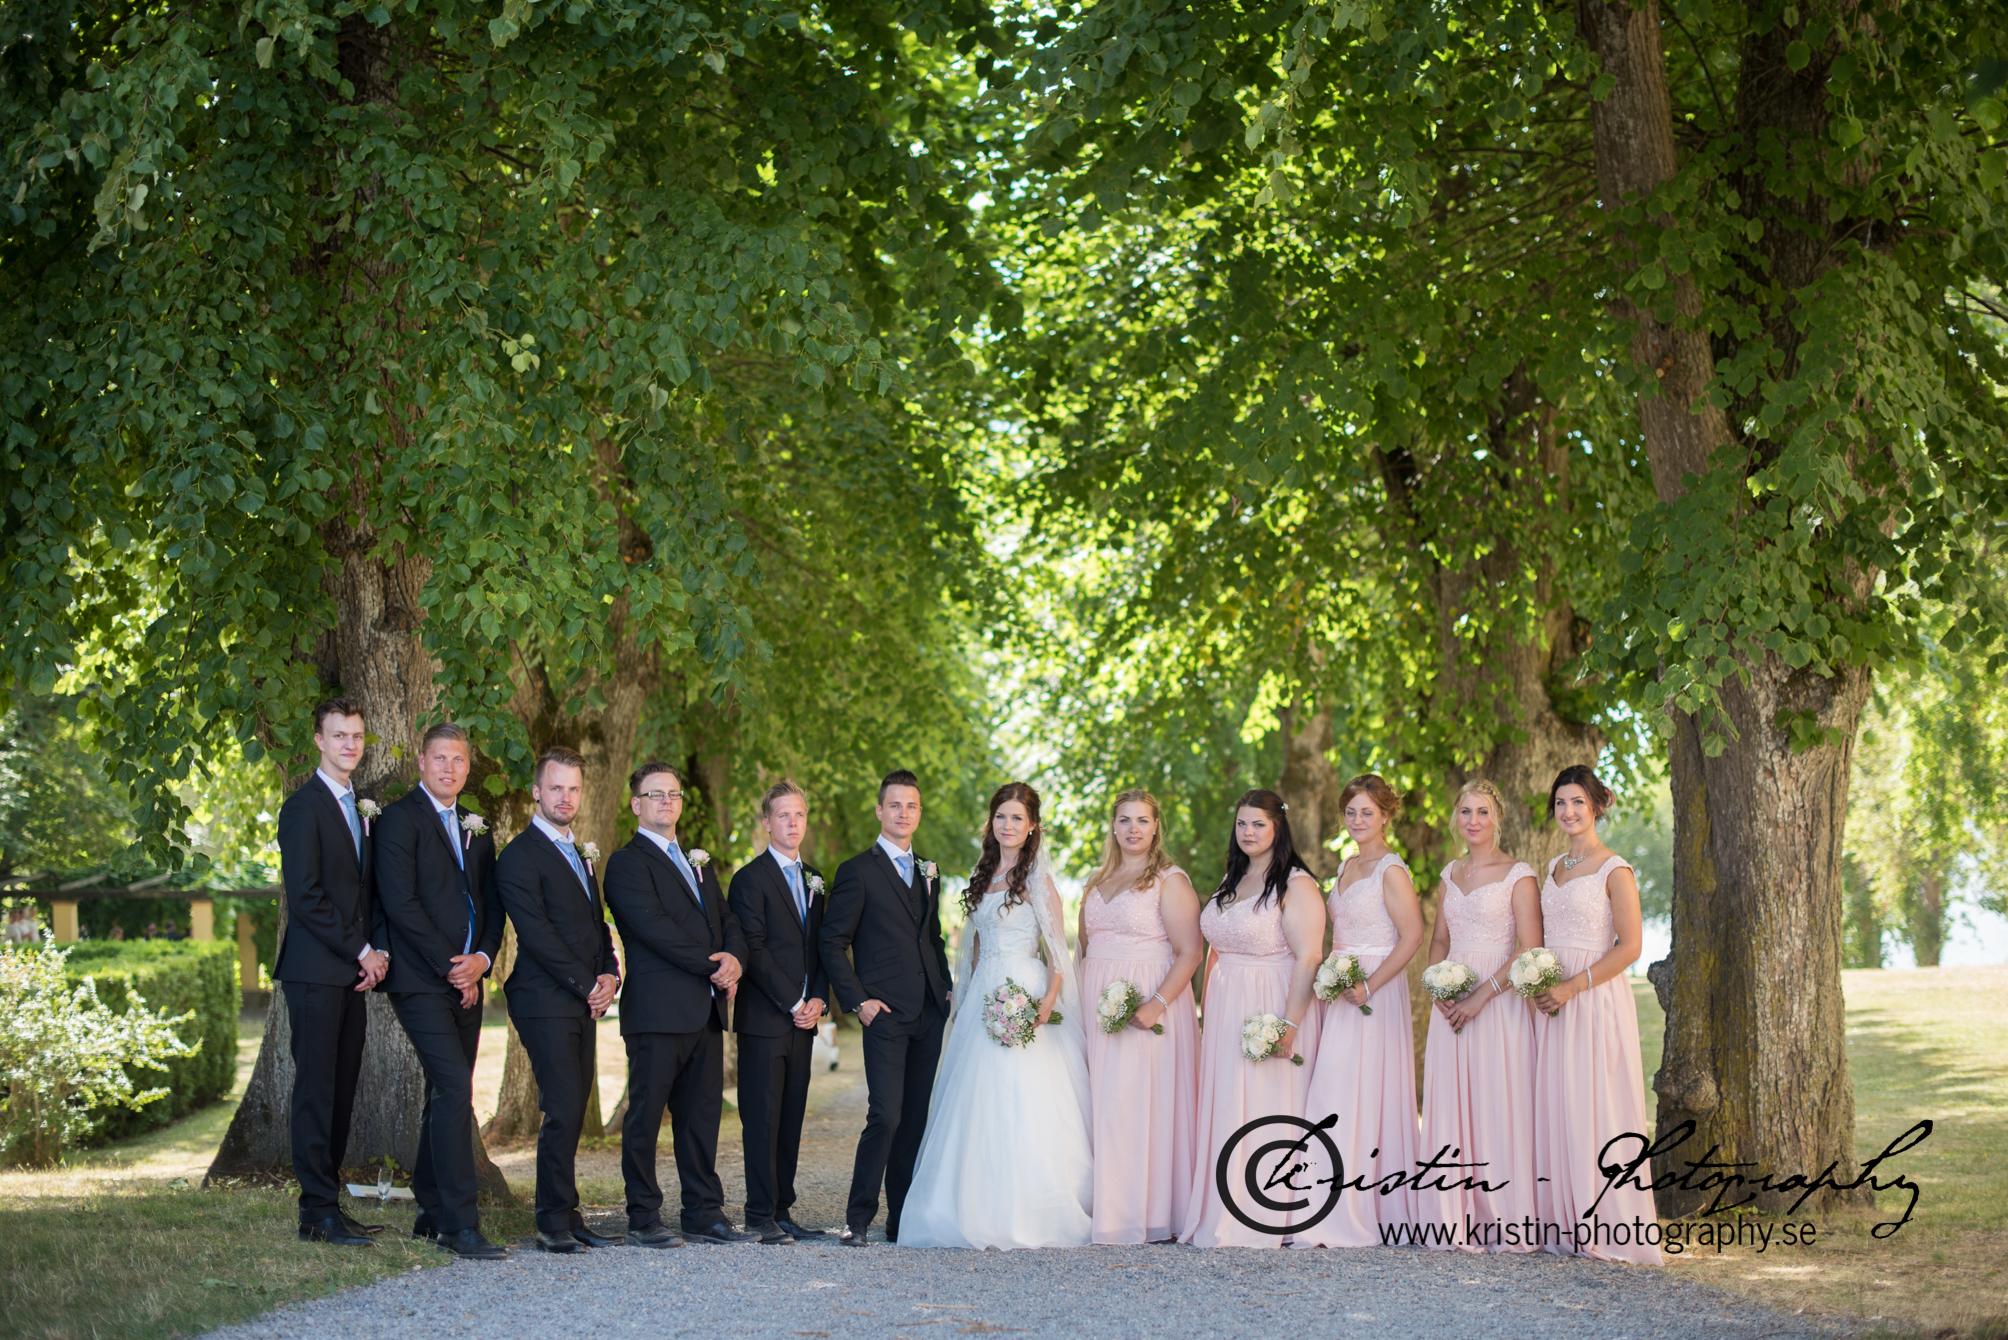 Bröllopsfotograf i Eskilstuna, Kristin - Photography, weddingphotographer -250.jpg